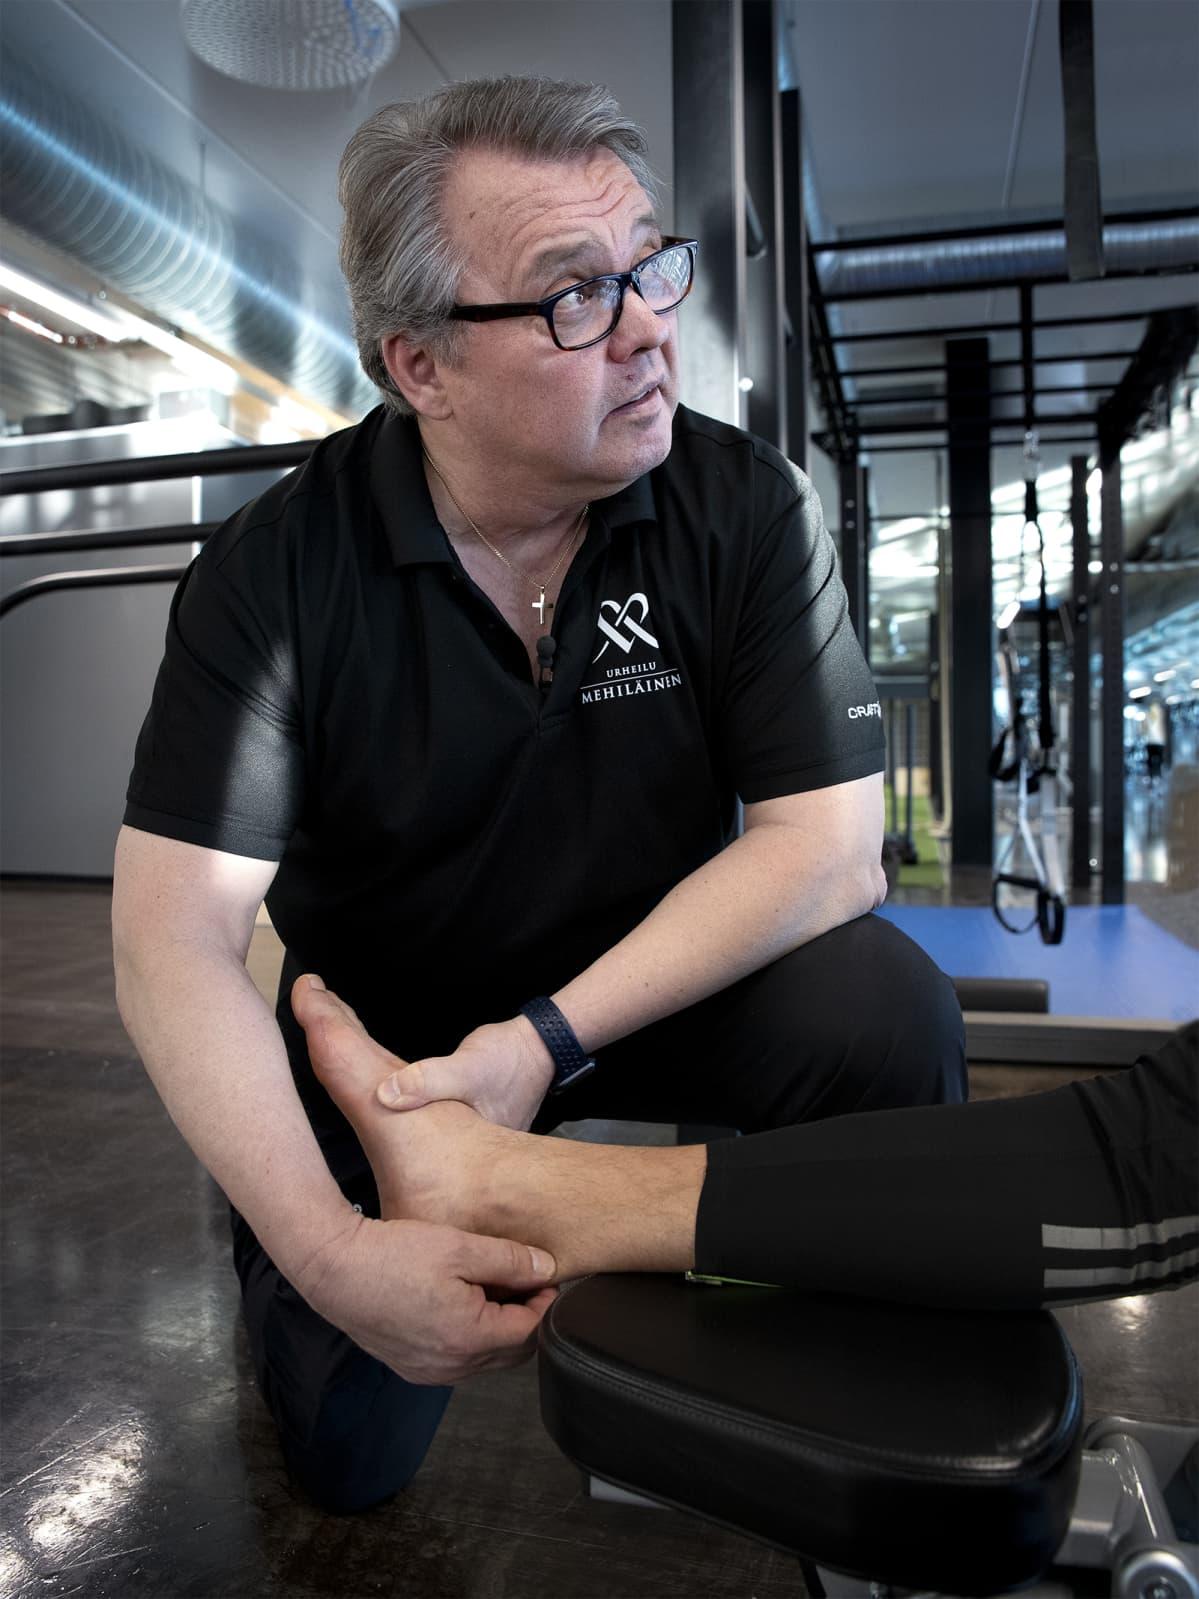 Urheilu Mehiläisen fysioterapeutti Peter Halën tutkii akillesjännettä.